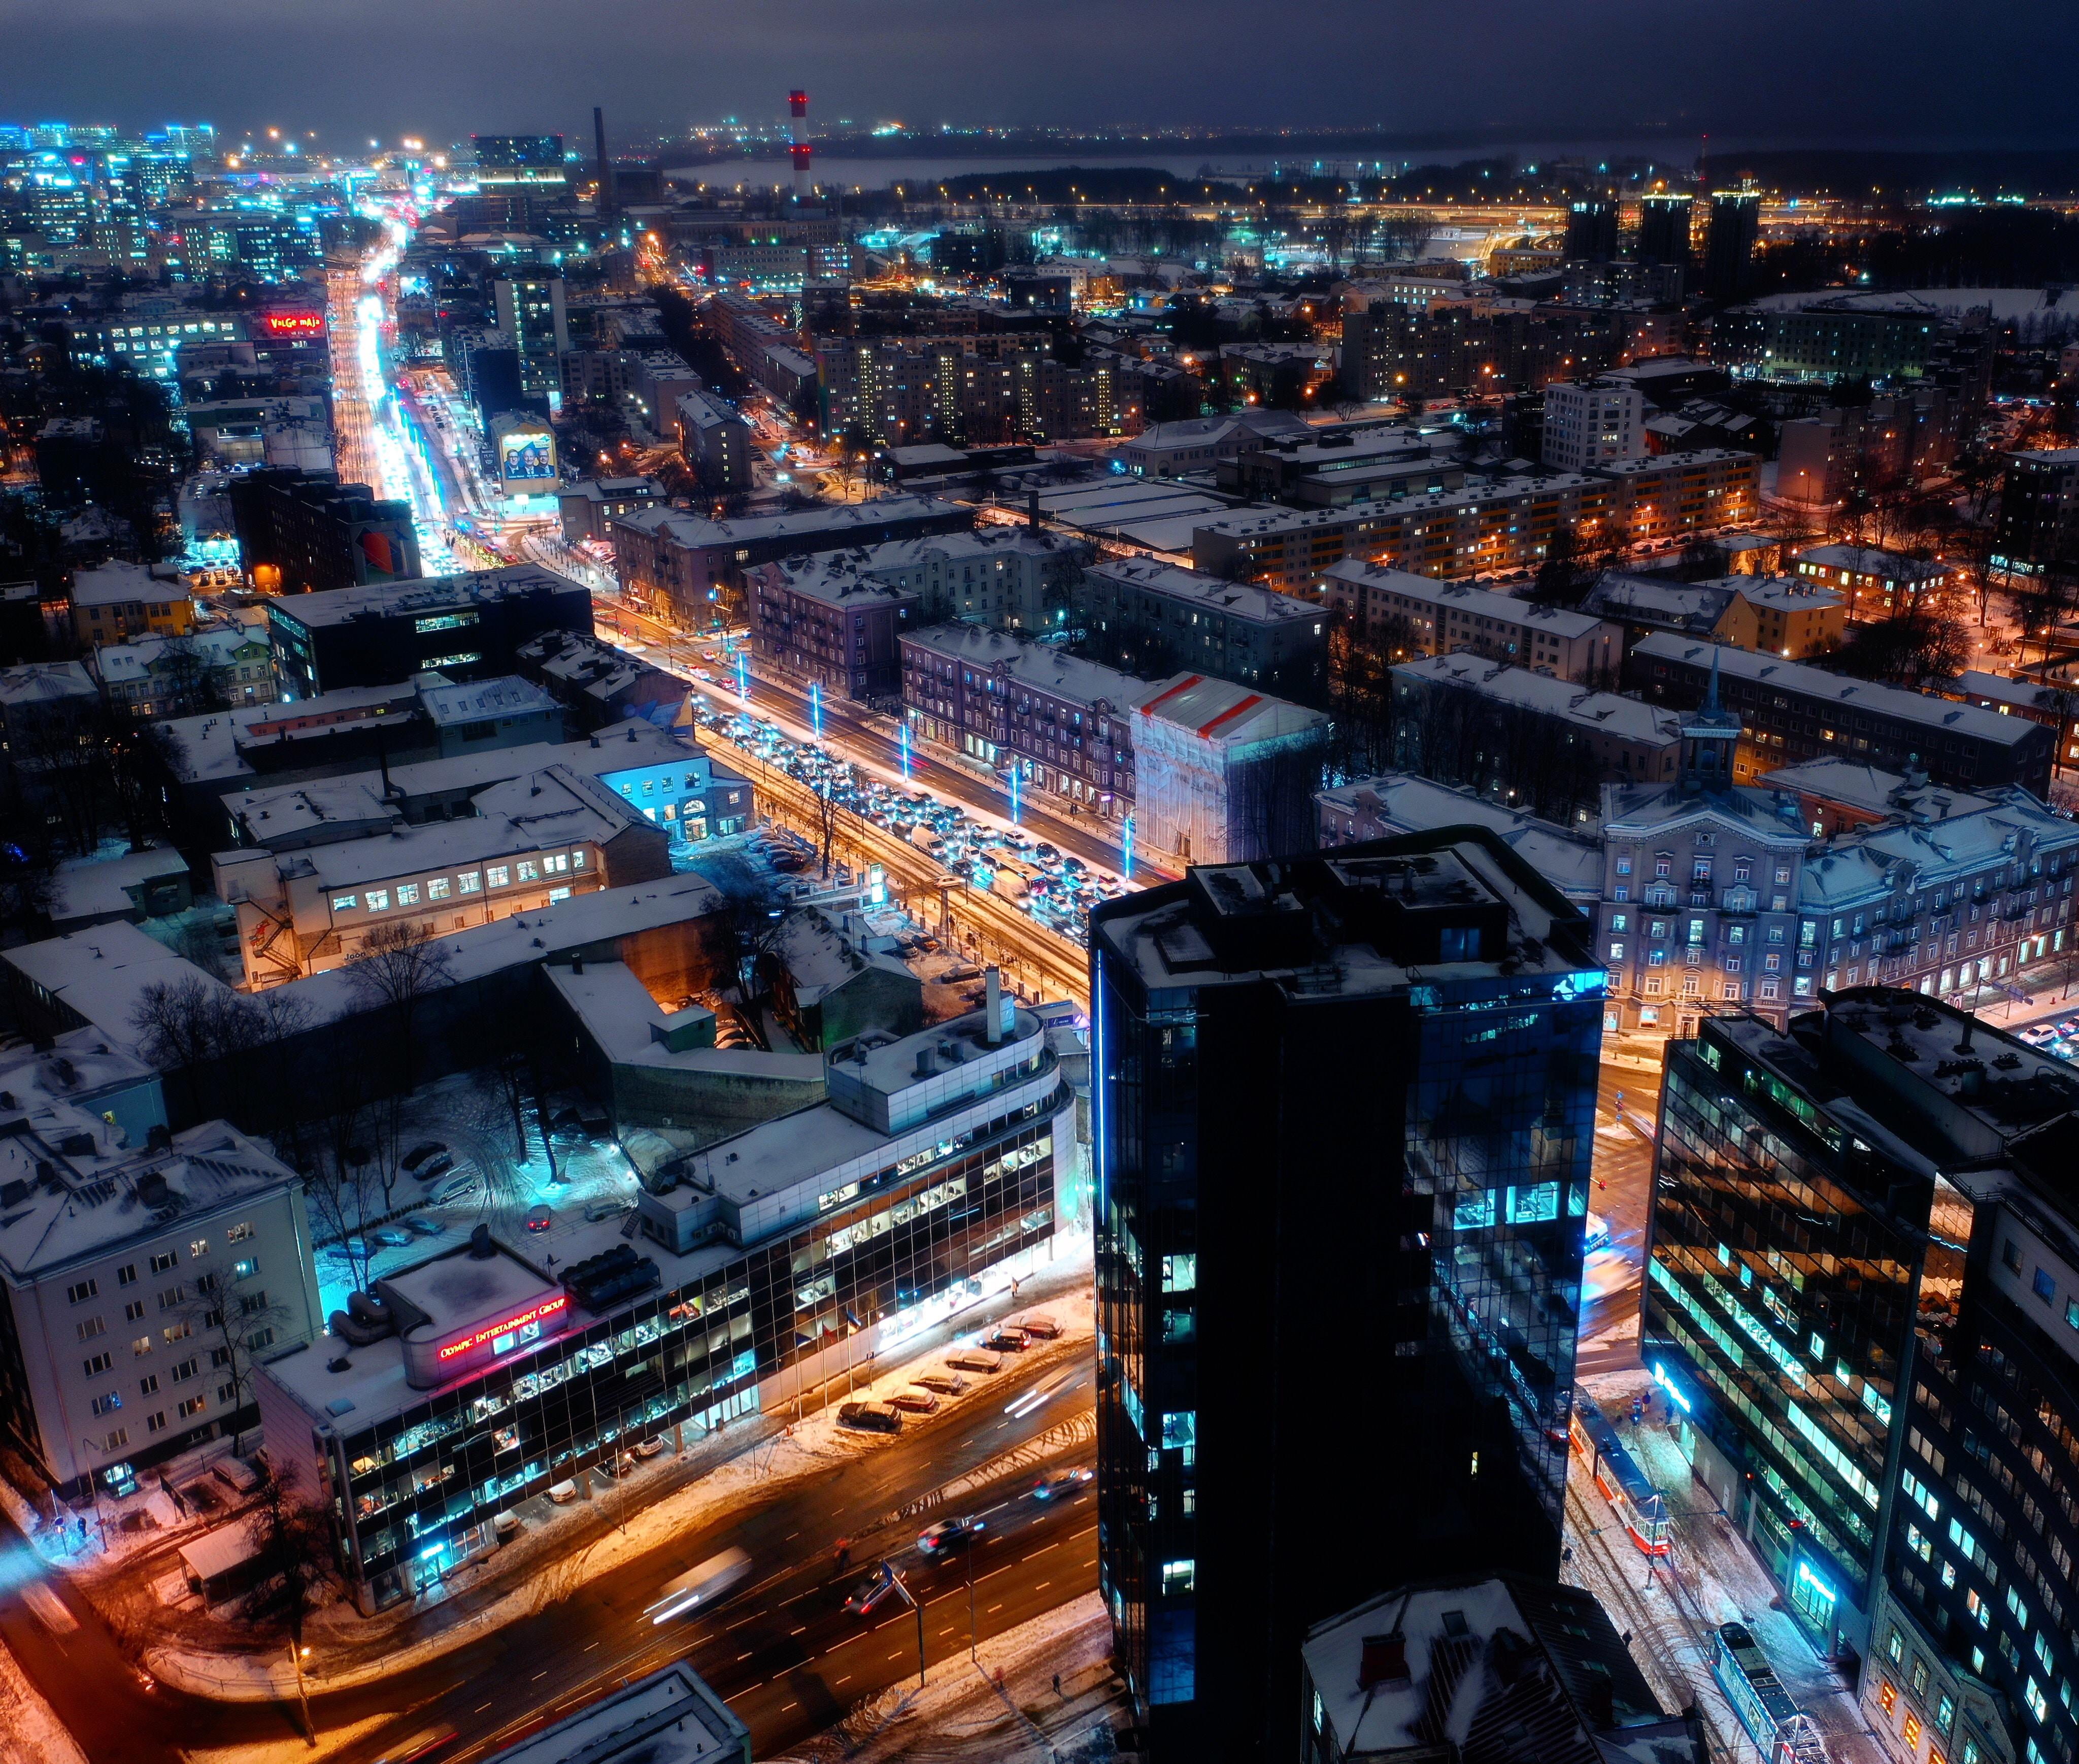 Entrepreneurs rank Tallinn as emerging Europe's leading start-up hub